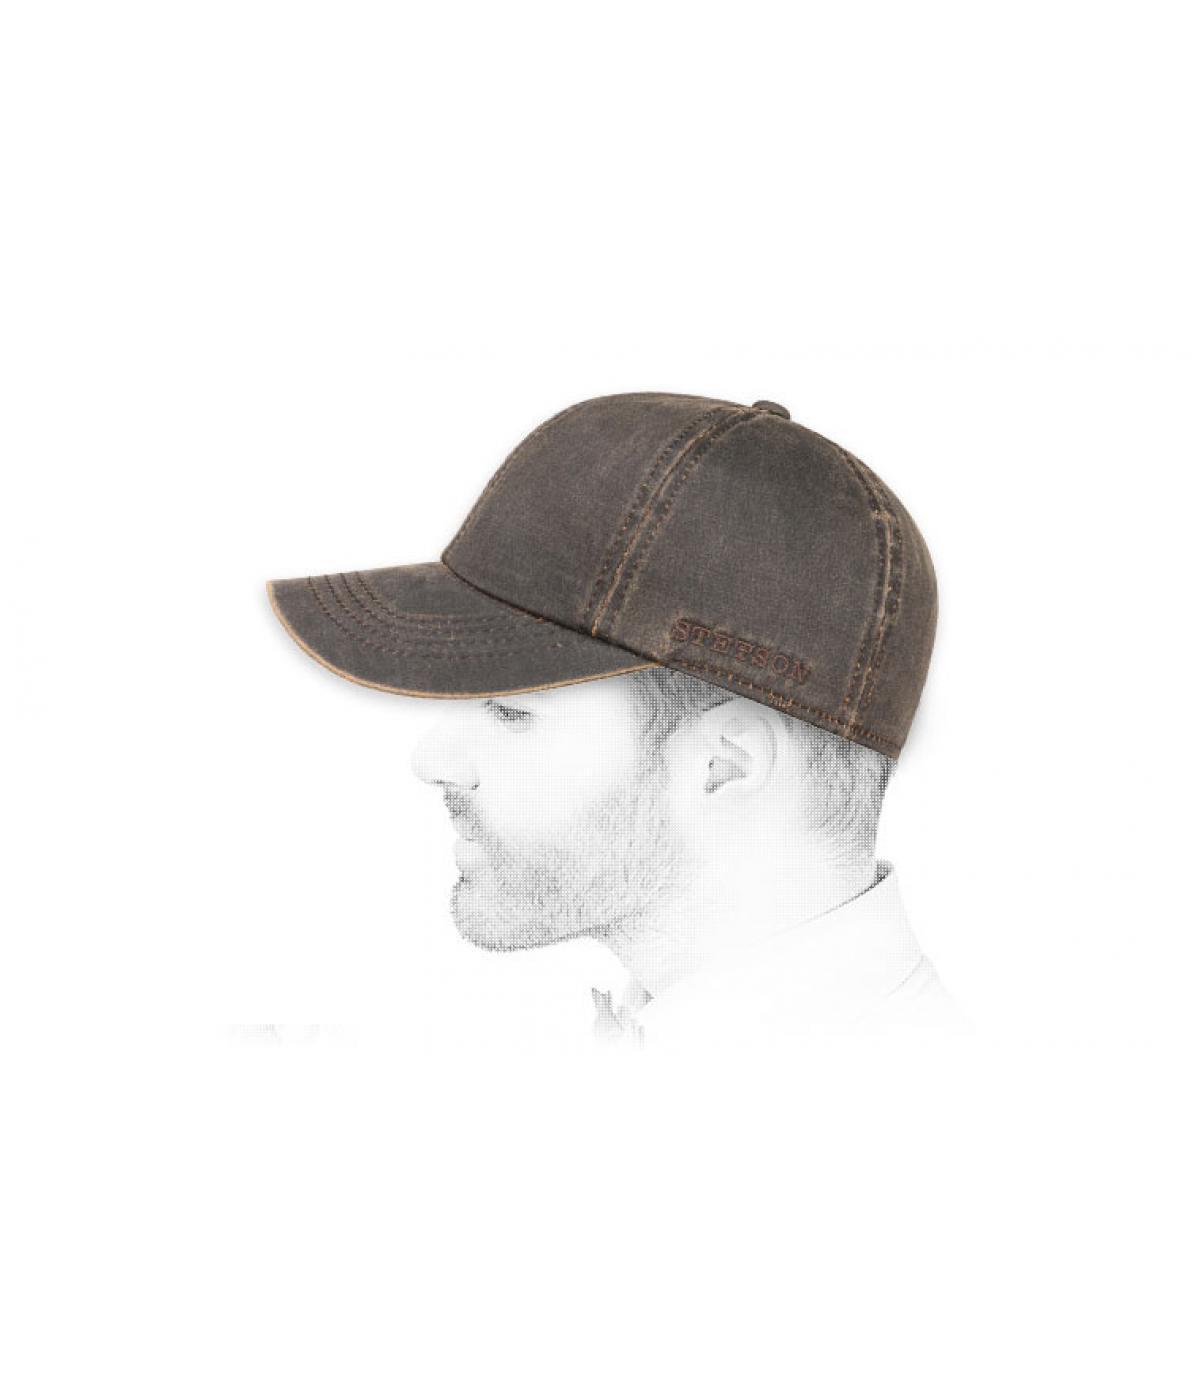 cappuccio marrone protegge le orecchie